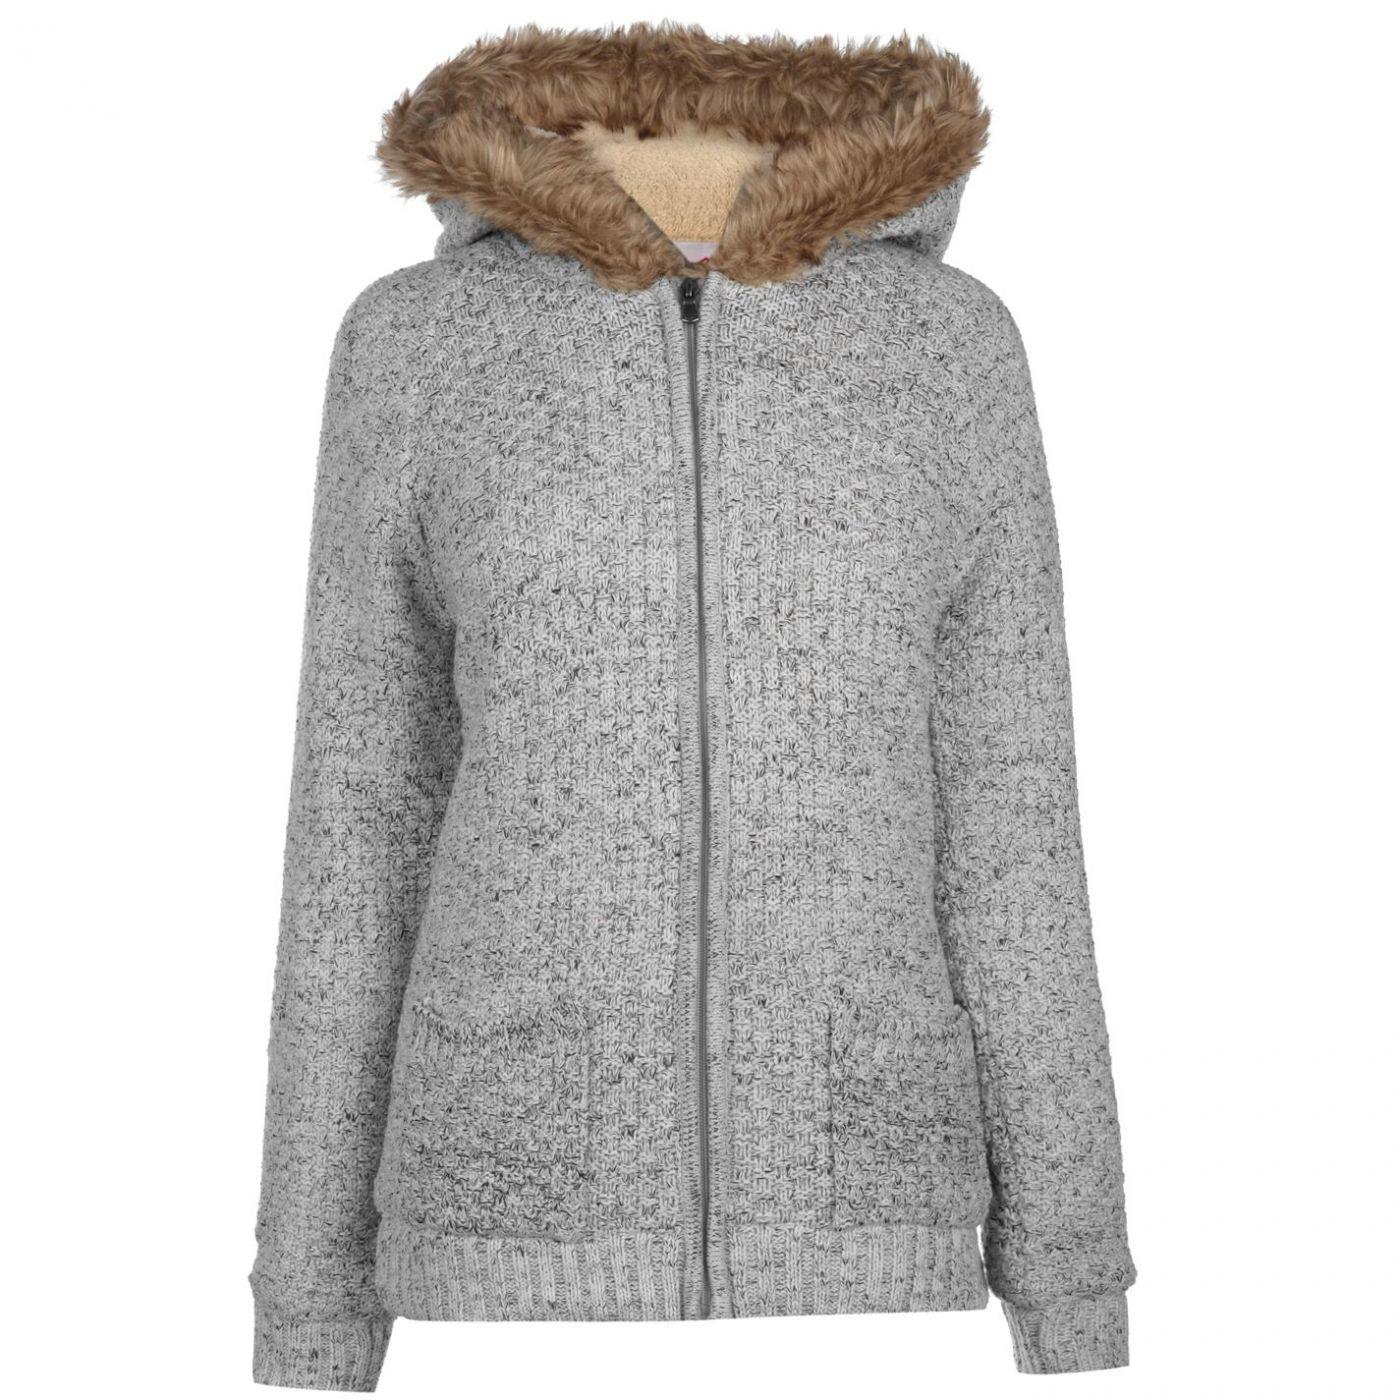 Lee Cooper Hooded Zip Knit Jacket Ladies